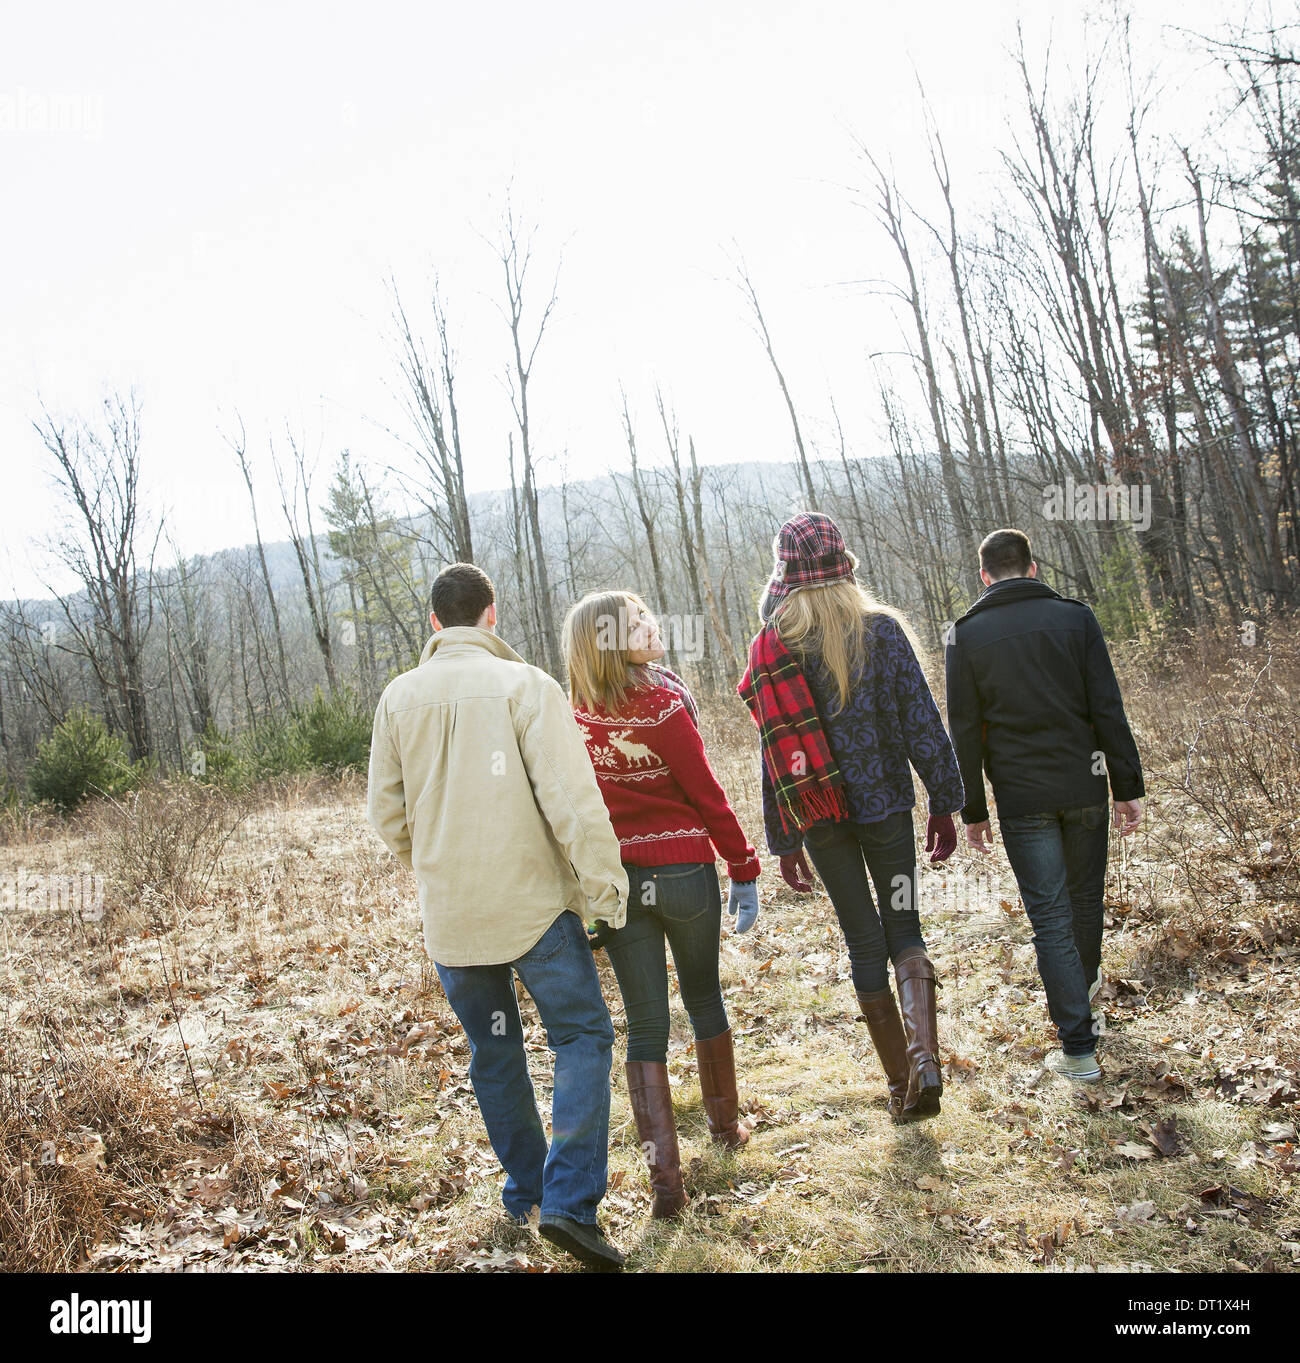 Un groupe de quatre personnes à pied entre forêt sur une journée d'hiver deux hommes et deux femmes Photo Stock